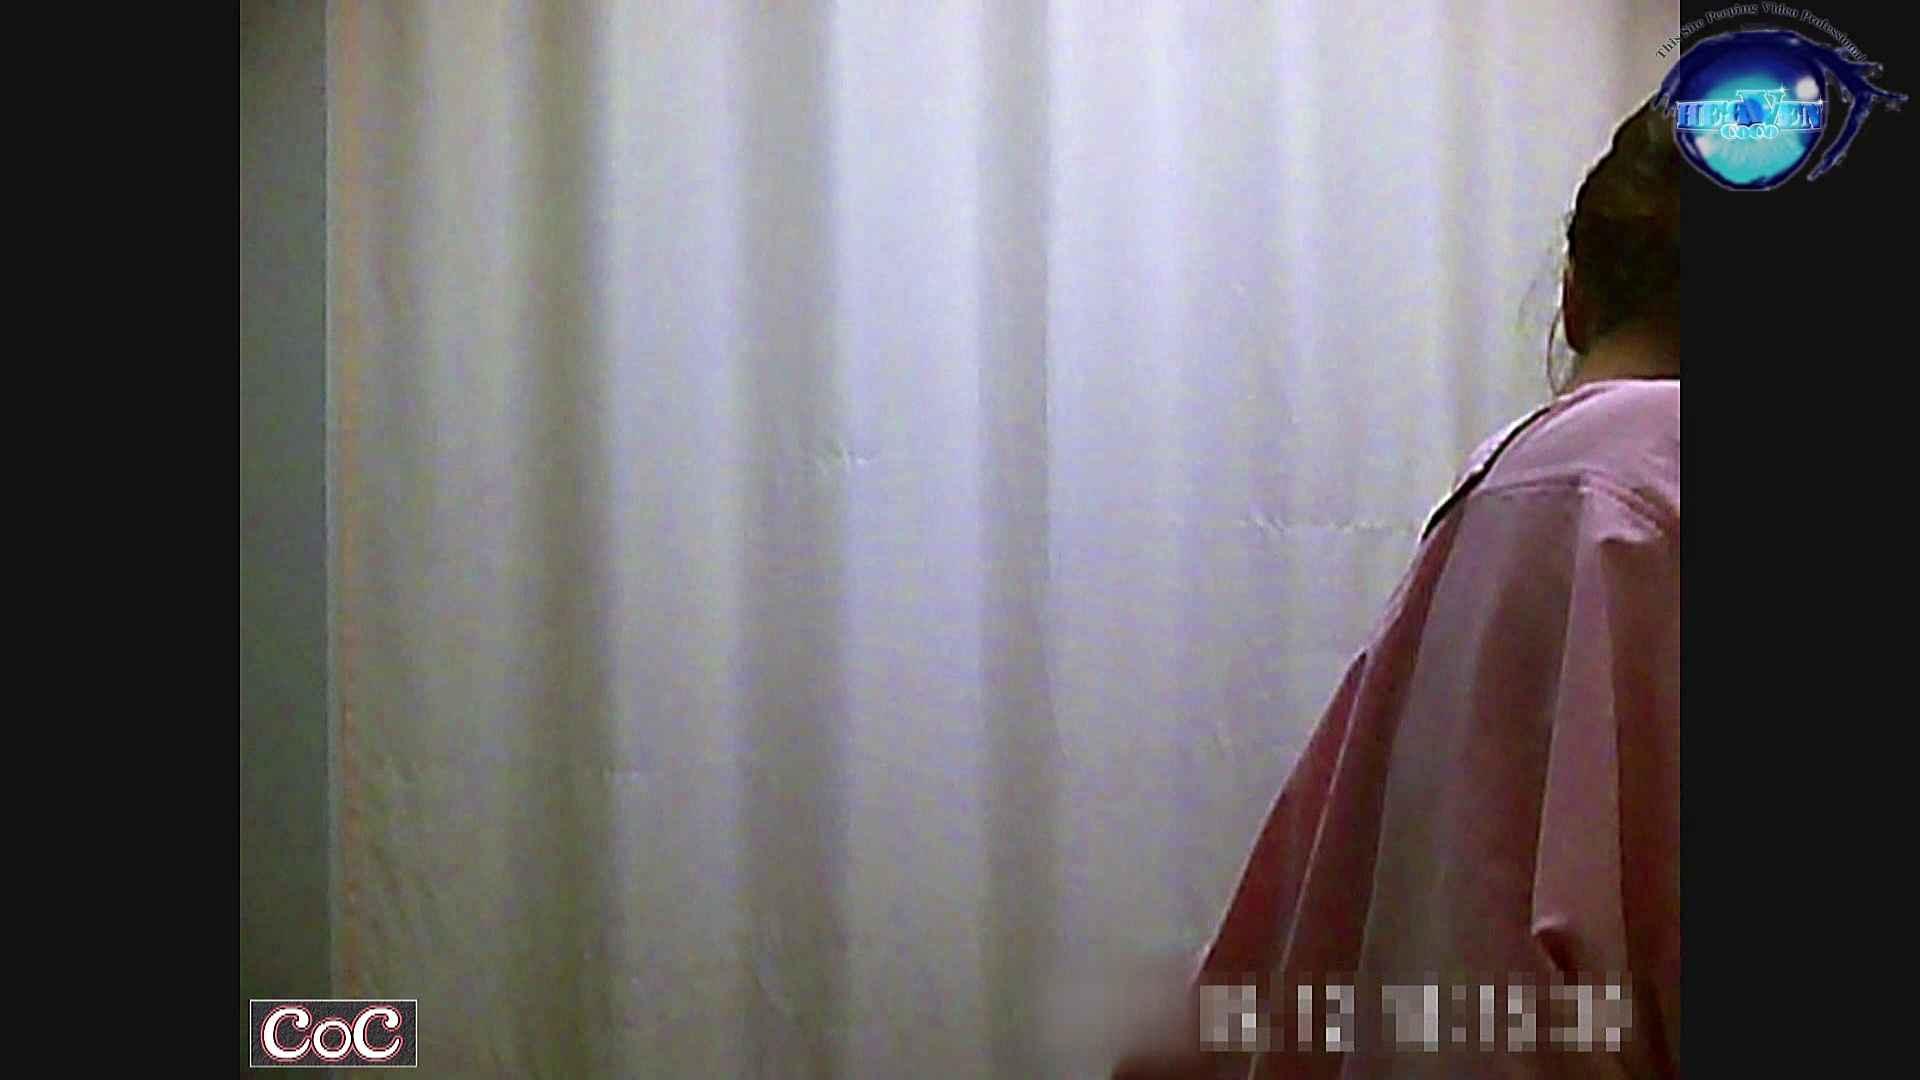 激ヤバ健康診断!着替えの一部始終.vol.24 ※本編ボカシ・目線無し ギャルヌード ワレメ動画紹介 79画像 44